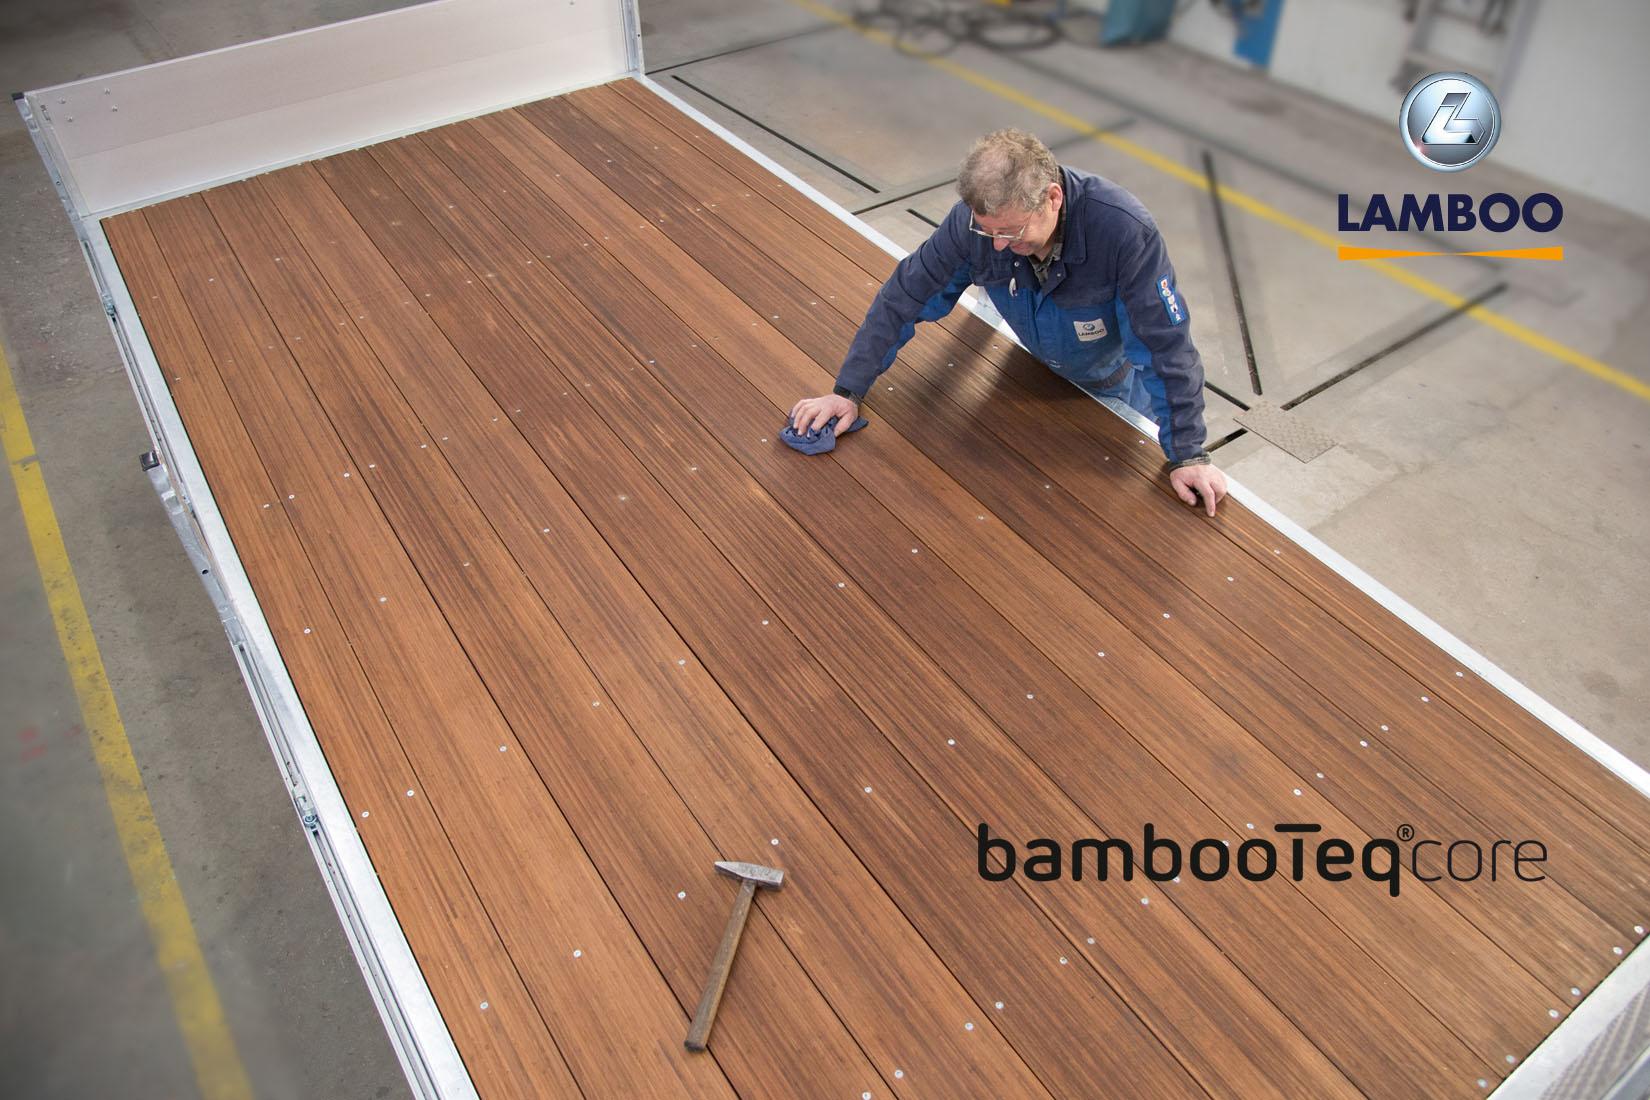 Lamboo levert eerste BambooTeq® bamboevloer